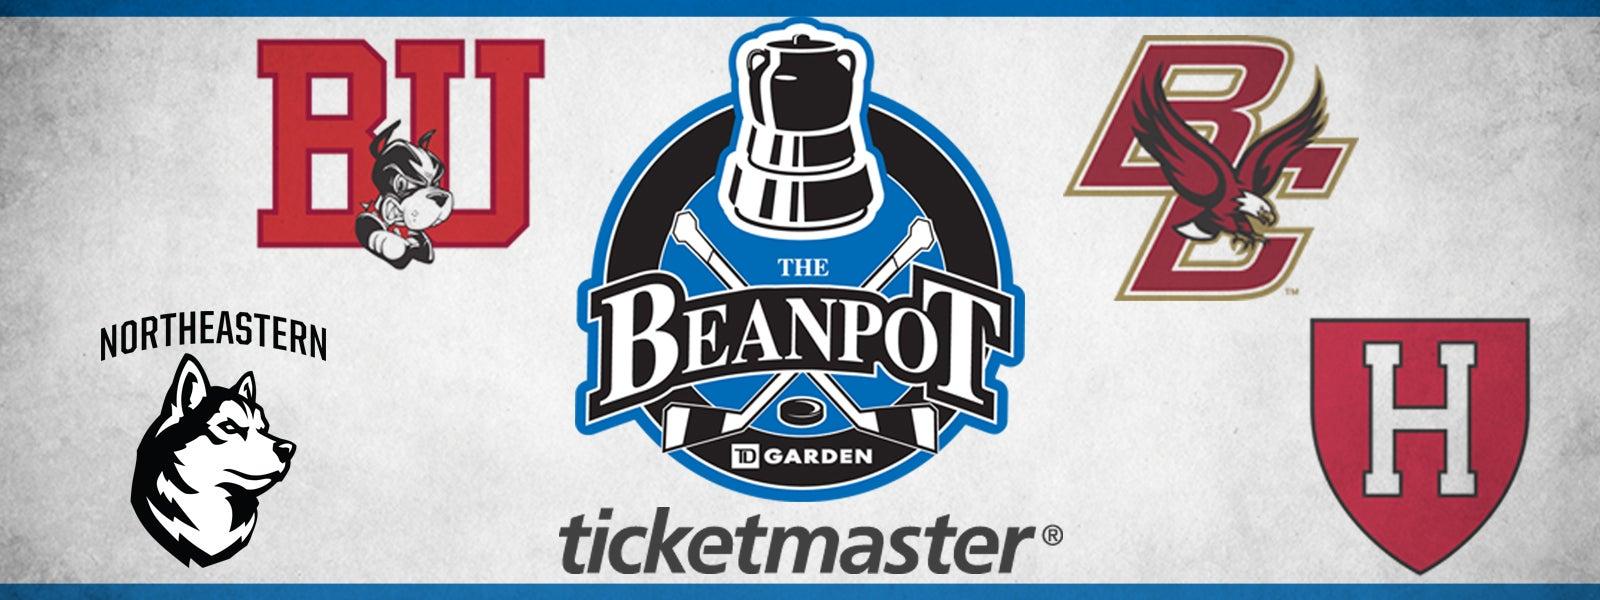 The Beanpot | TD Garden